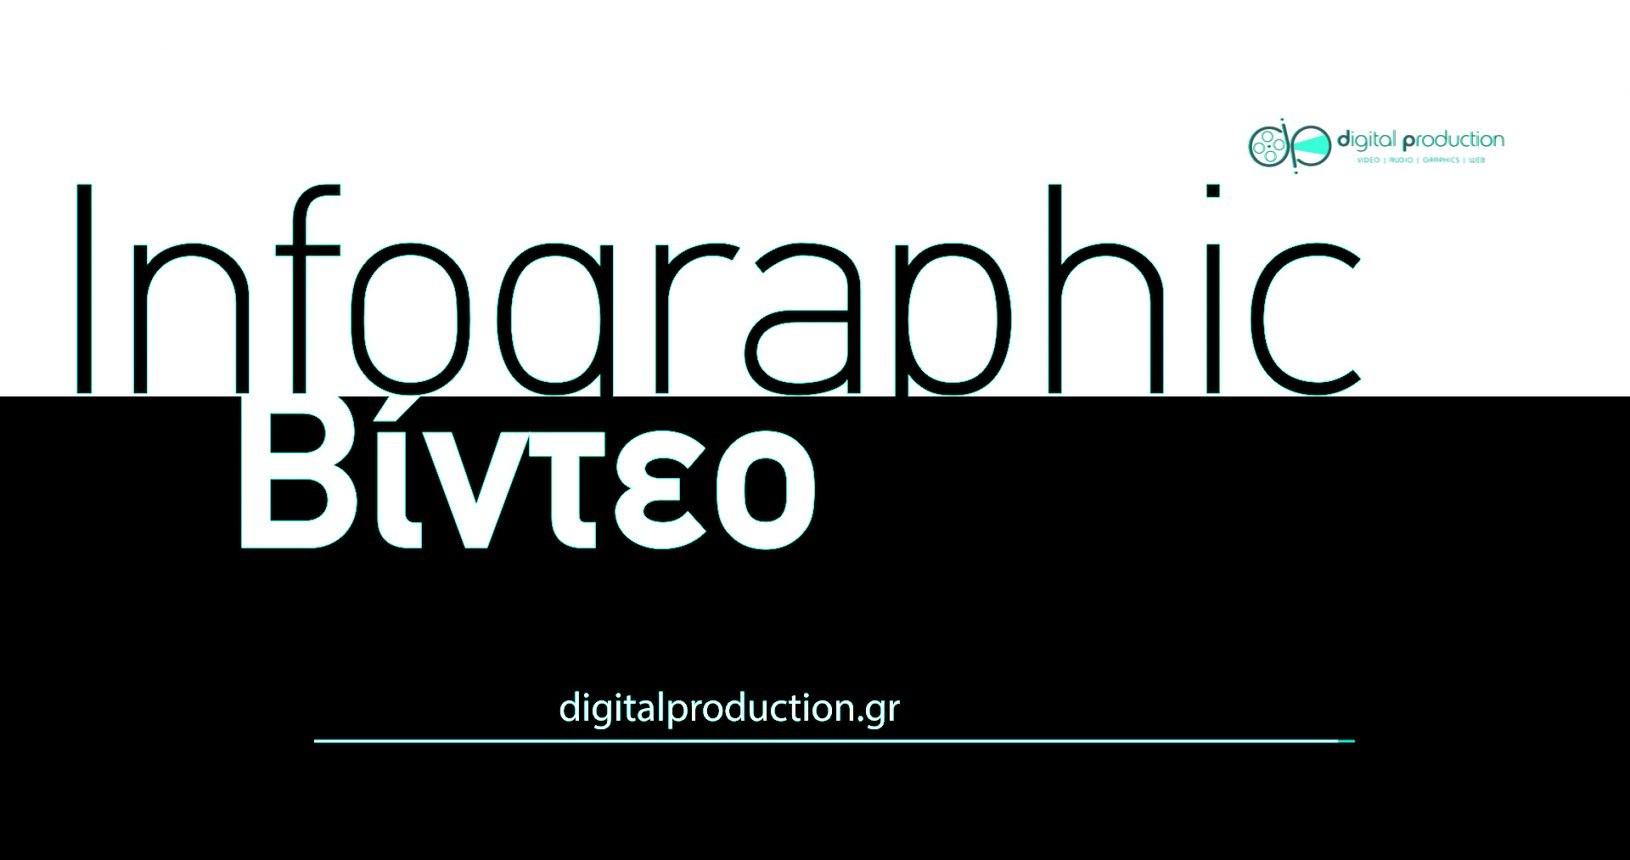 Δημιουργία infographic βίντεο | Digital Production